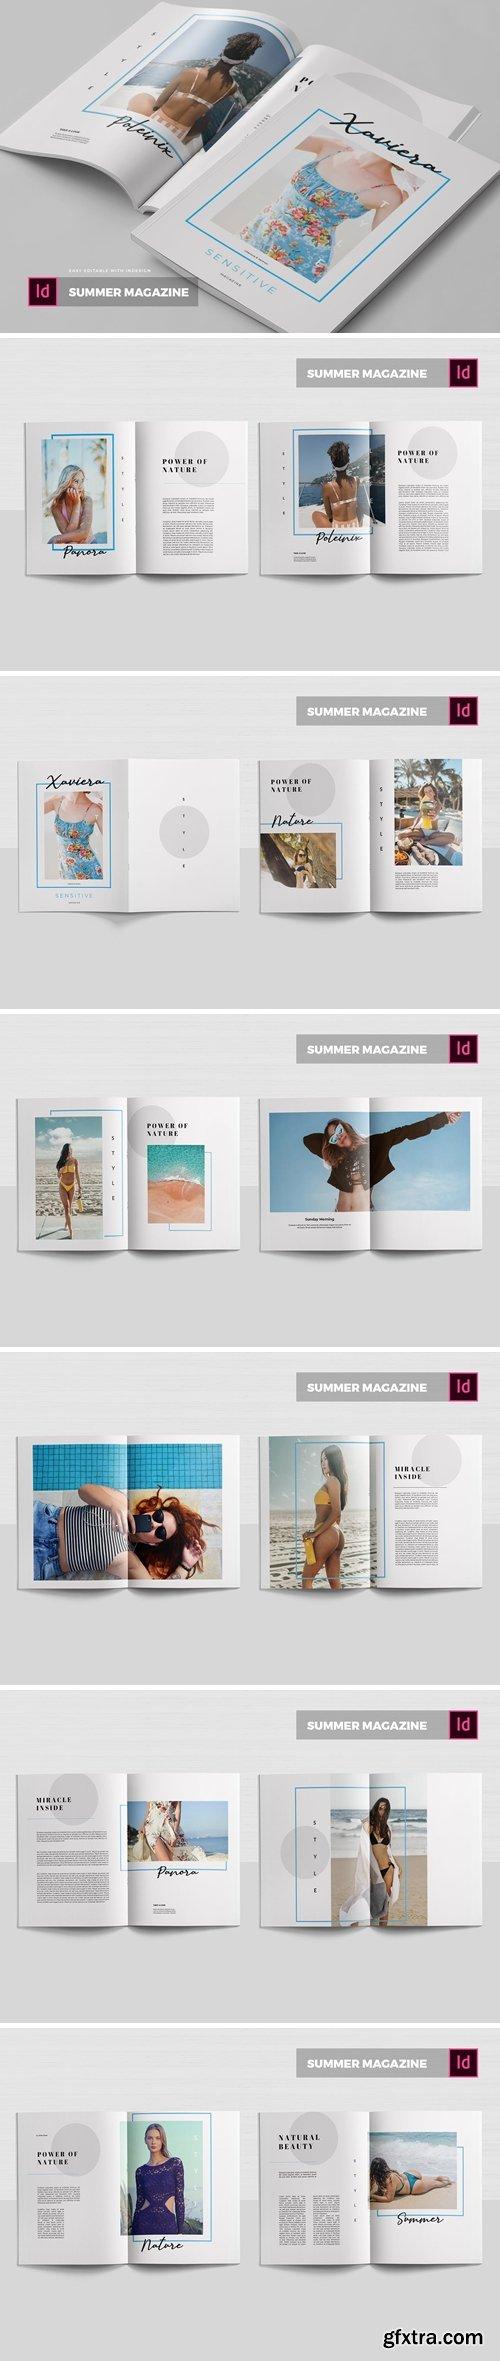 Summer | Magazine